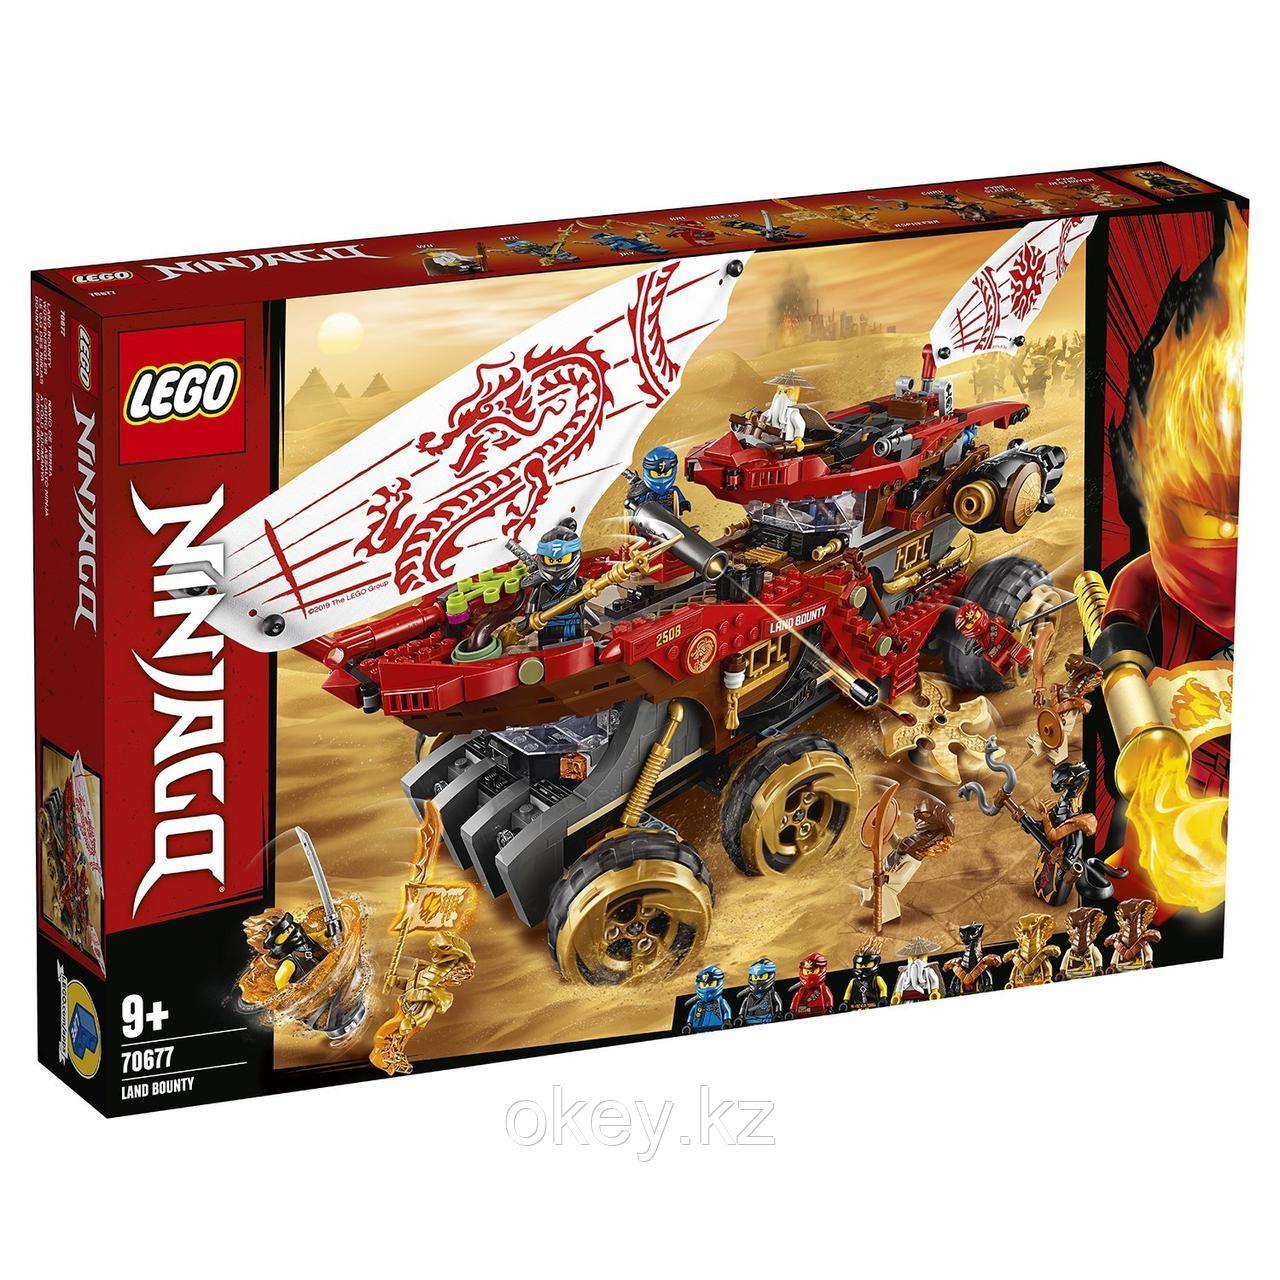 LEGO Ninjago: Райский уголок 70677